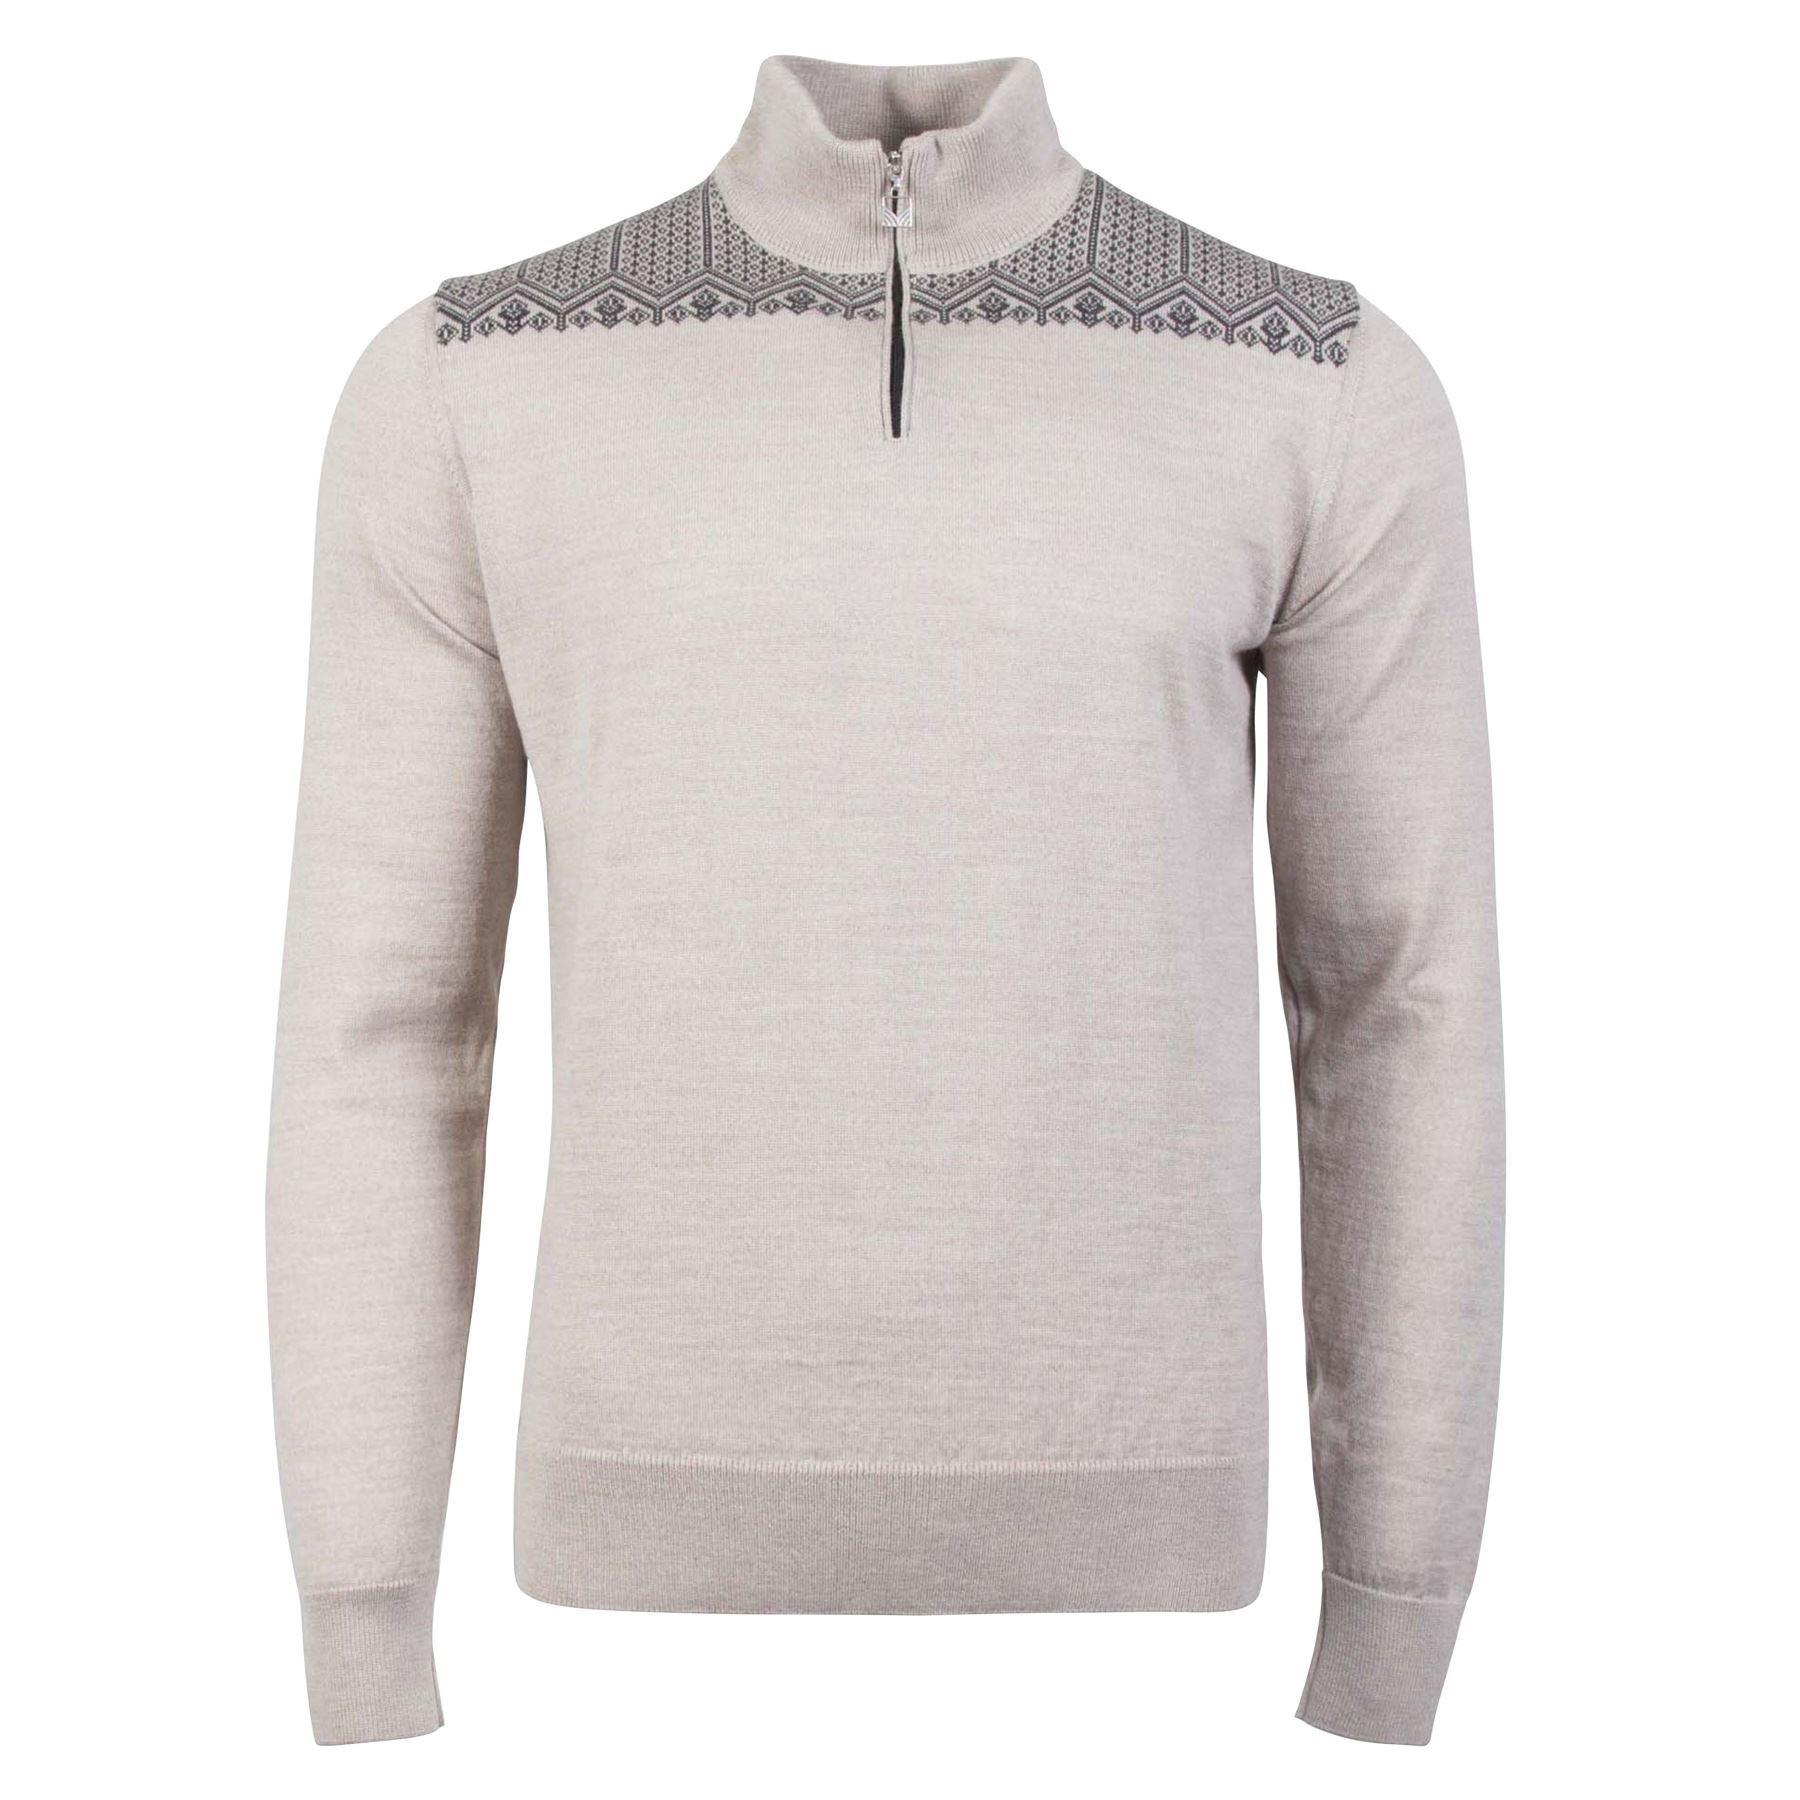 Eirik men's sweaterDale of Norway